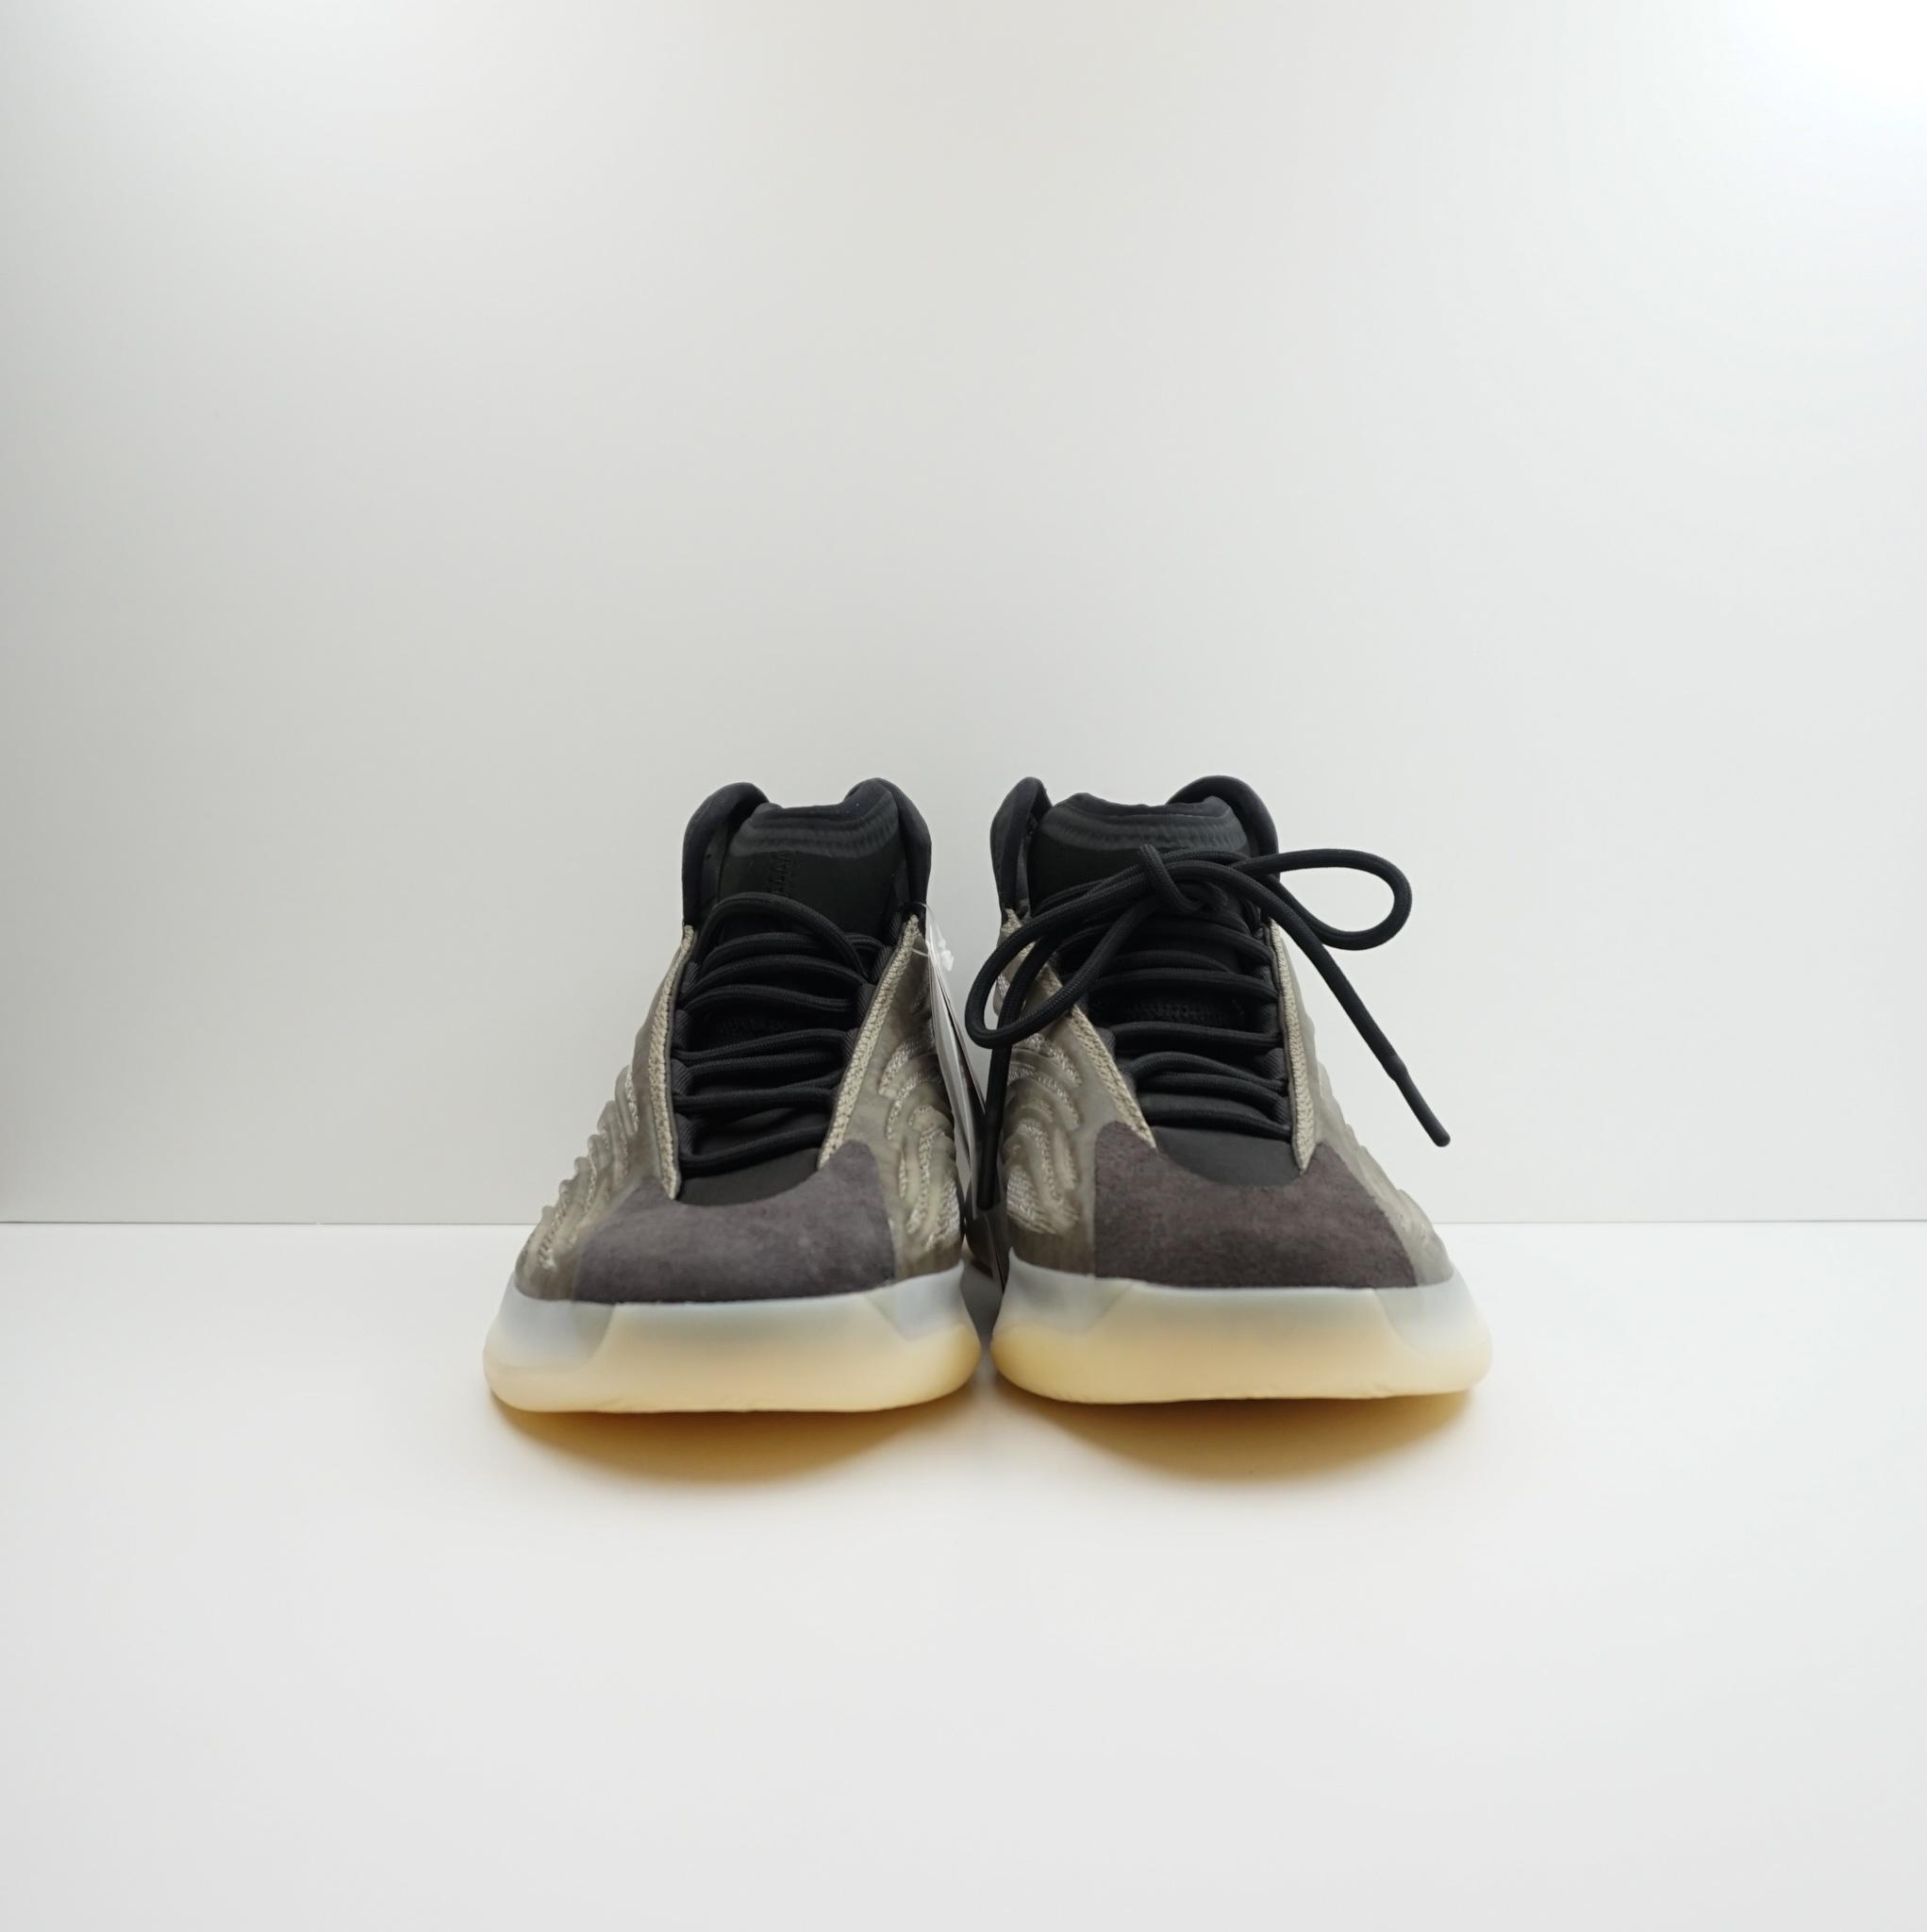 Adidas YZY QNTM Barium